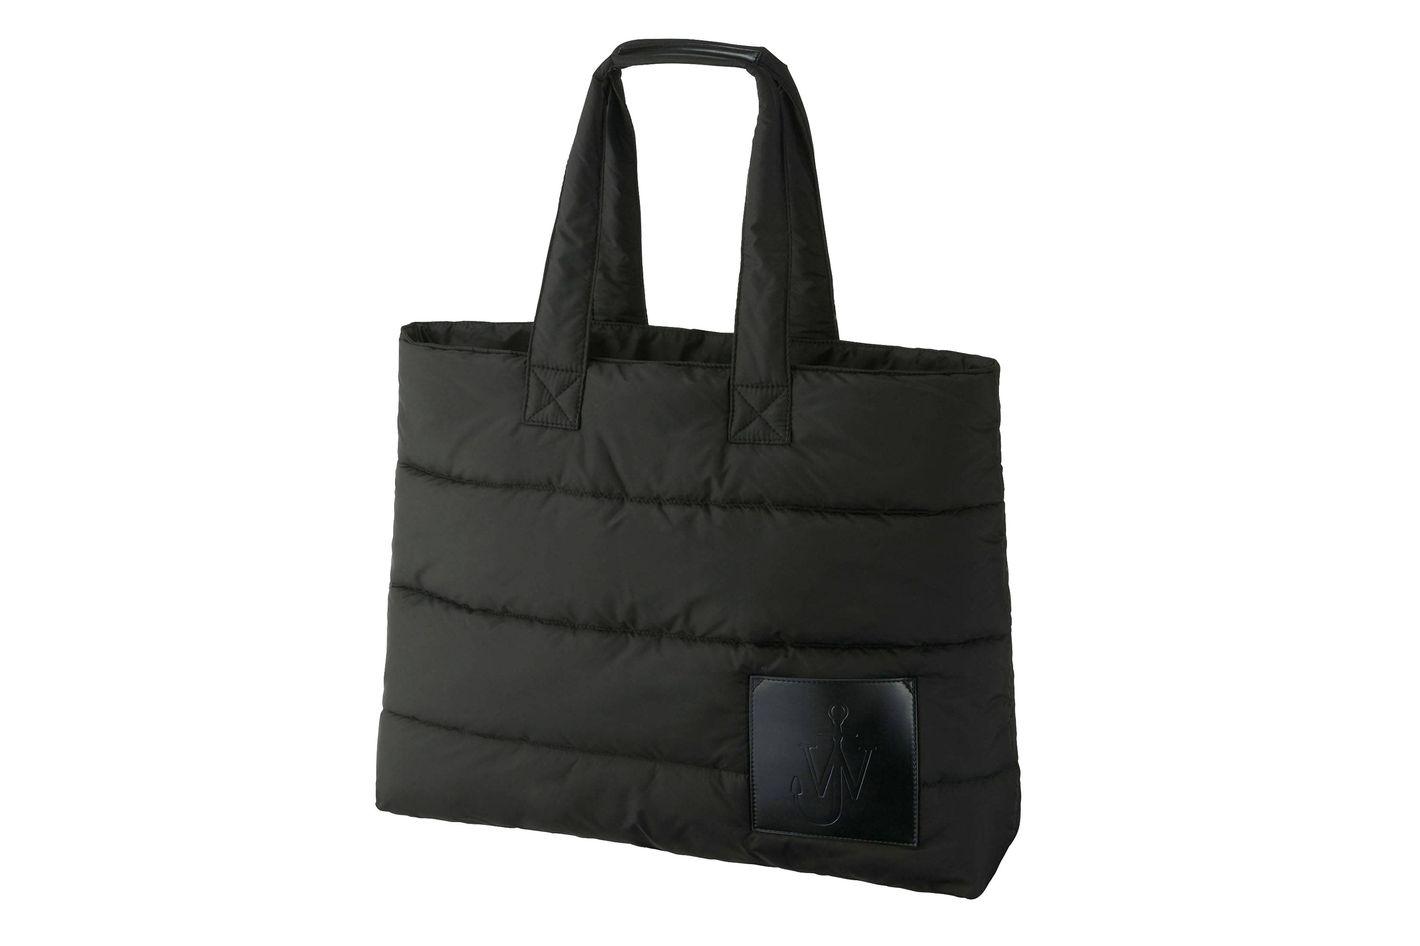 JWA Padded Tote Bag